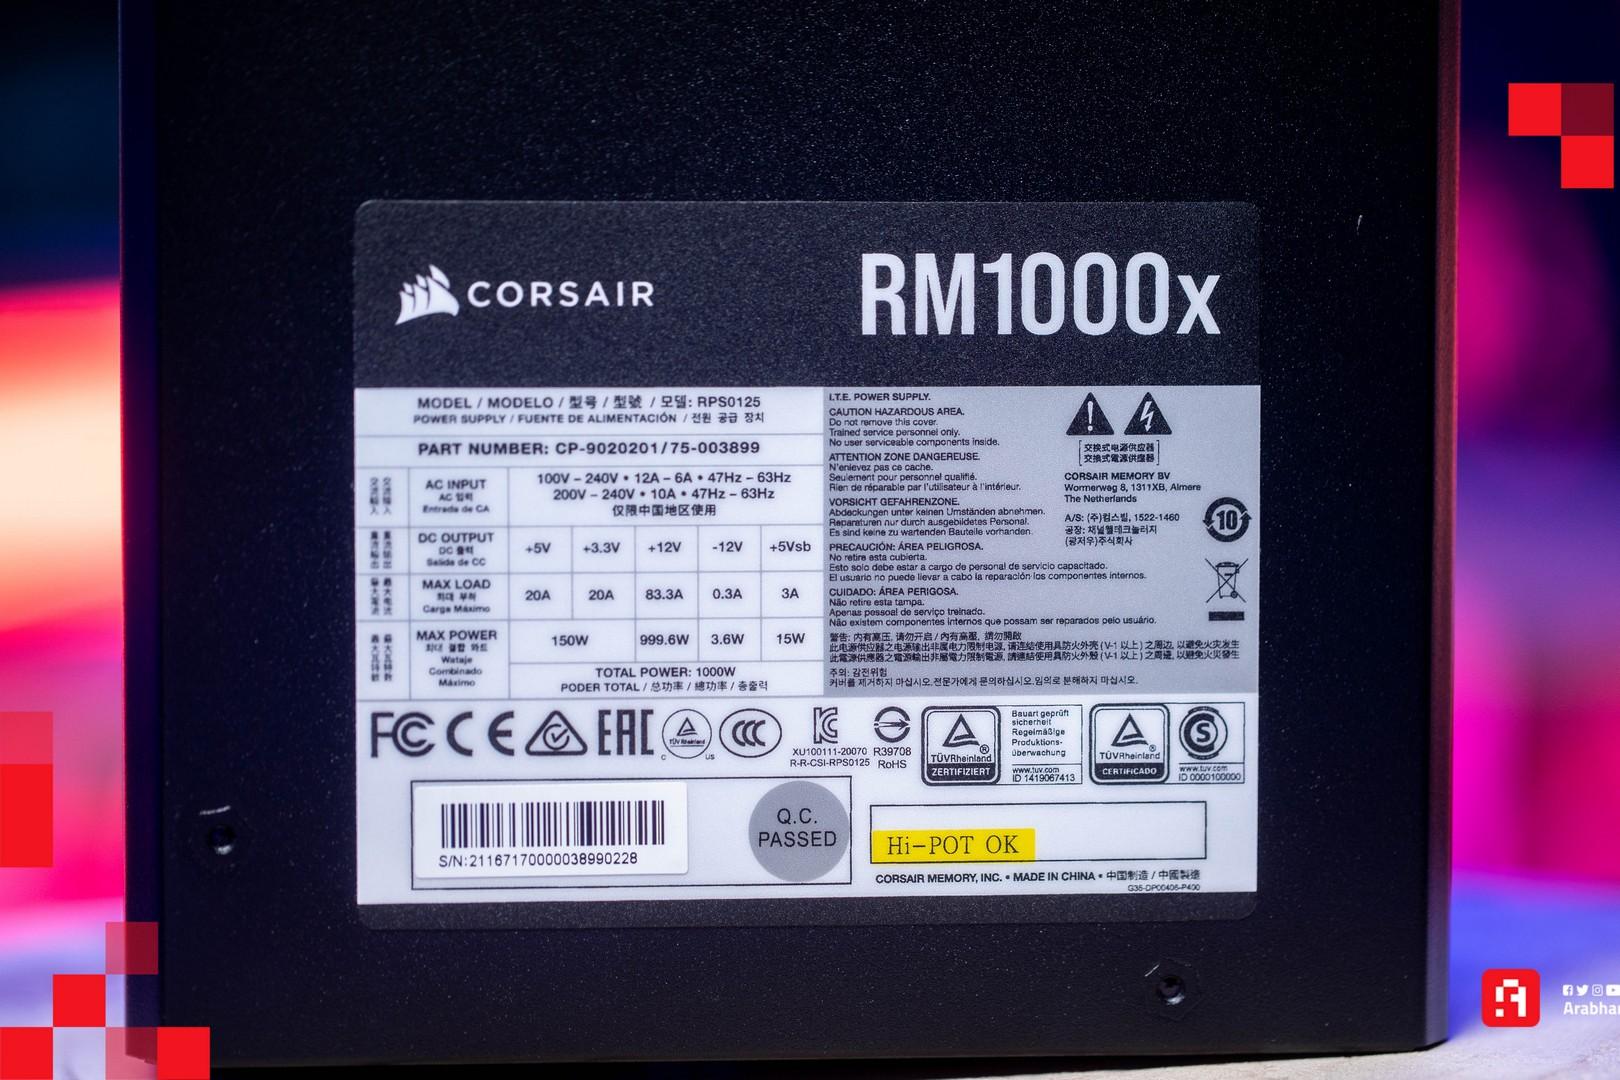 مزود الطاقة Corsair RM1000X 1